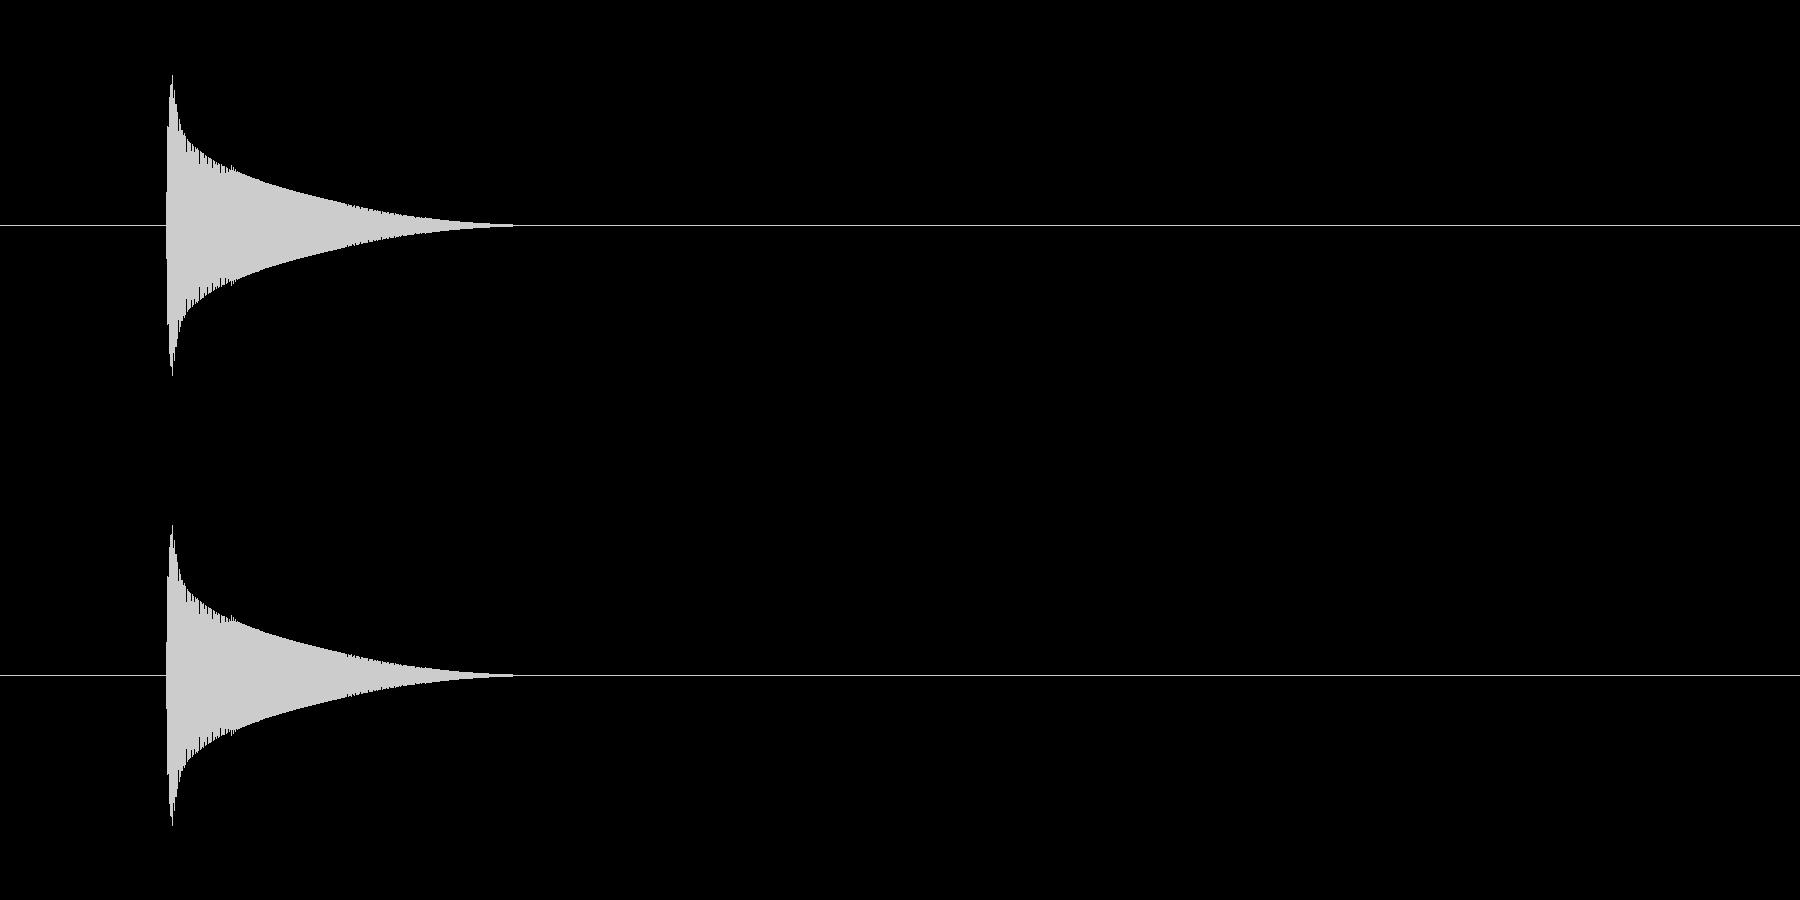 ピコン(アラート、警告)の未再生の波形